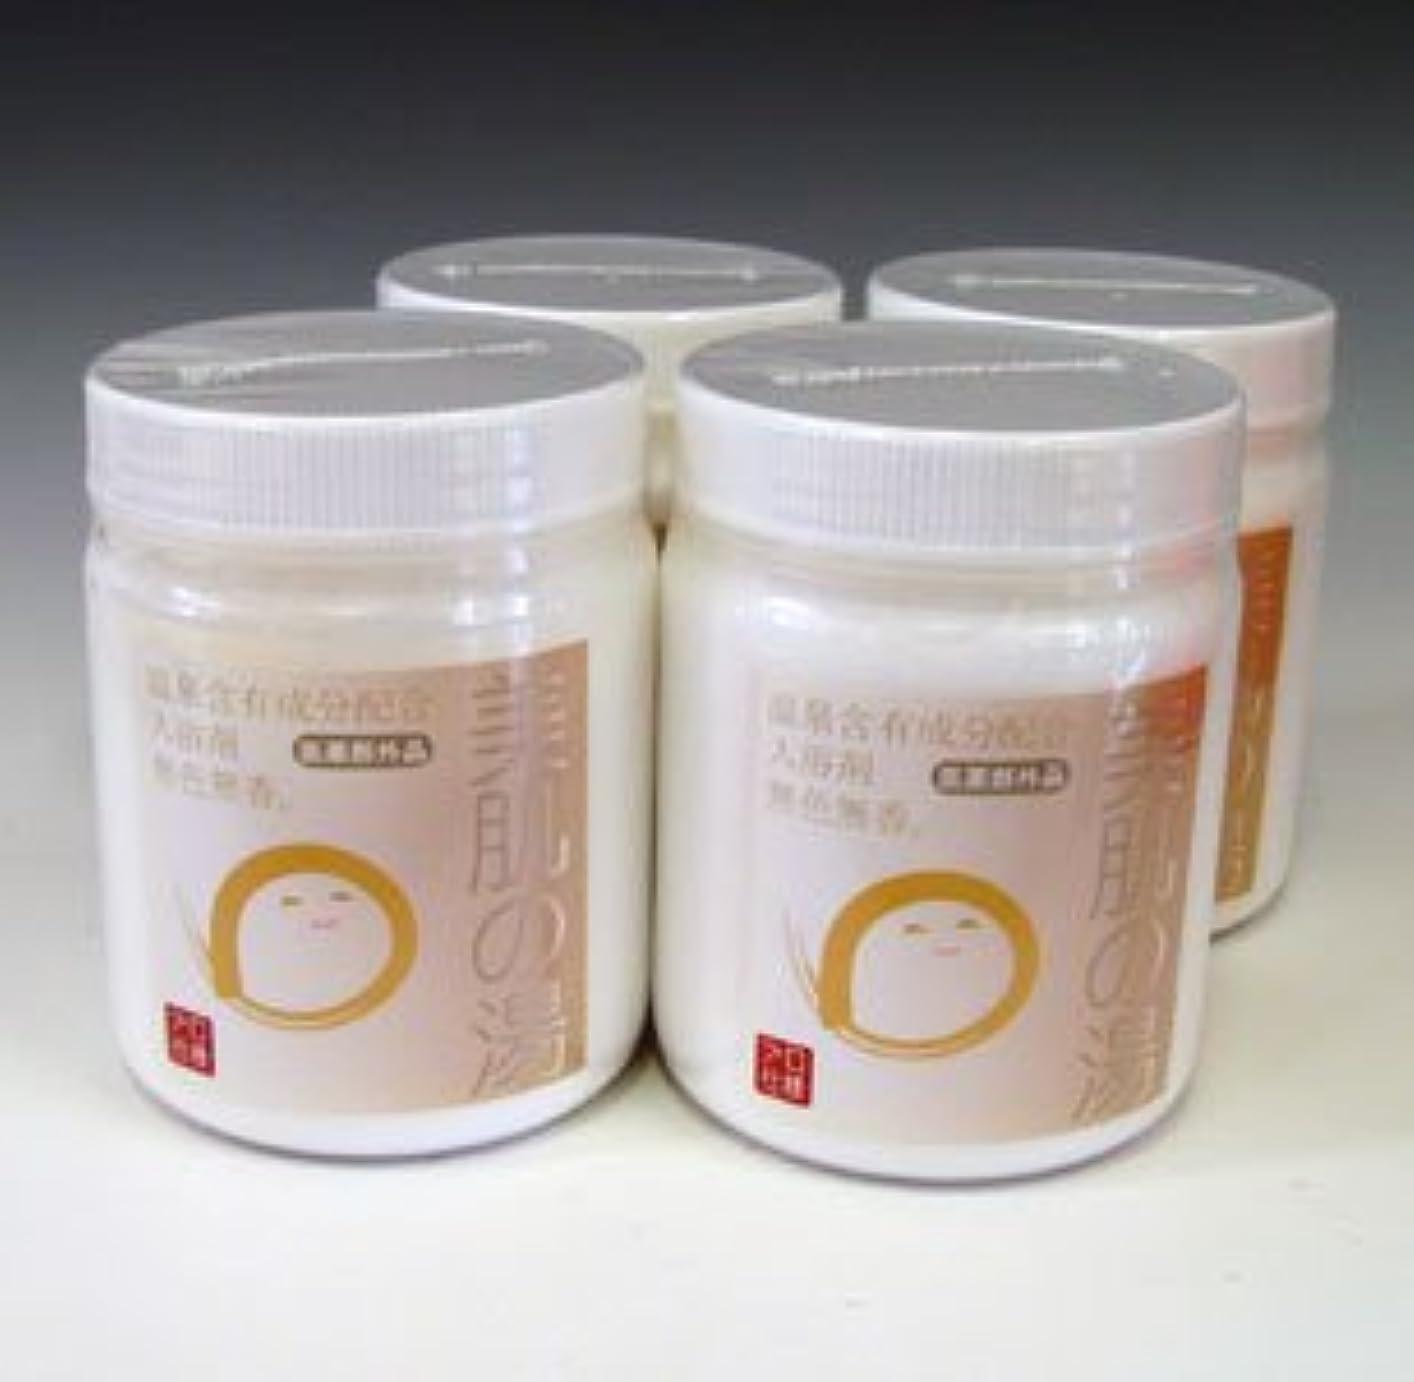 社説殉教者表面的な温泉入浴剤 アルカリ単純泉PH9.5 美肌の湯600g 4本セット